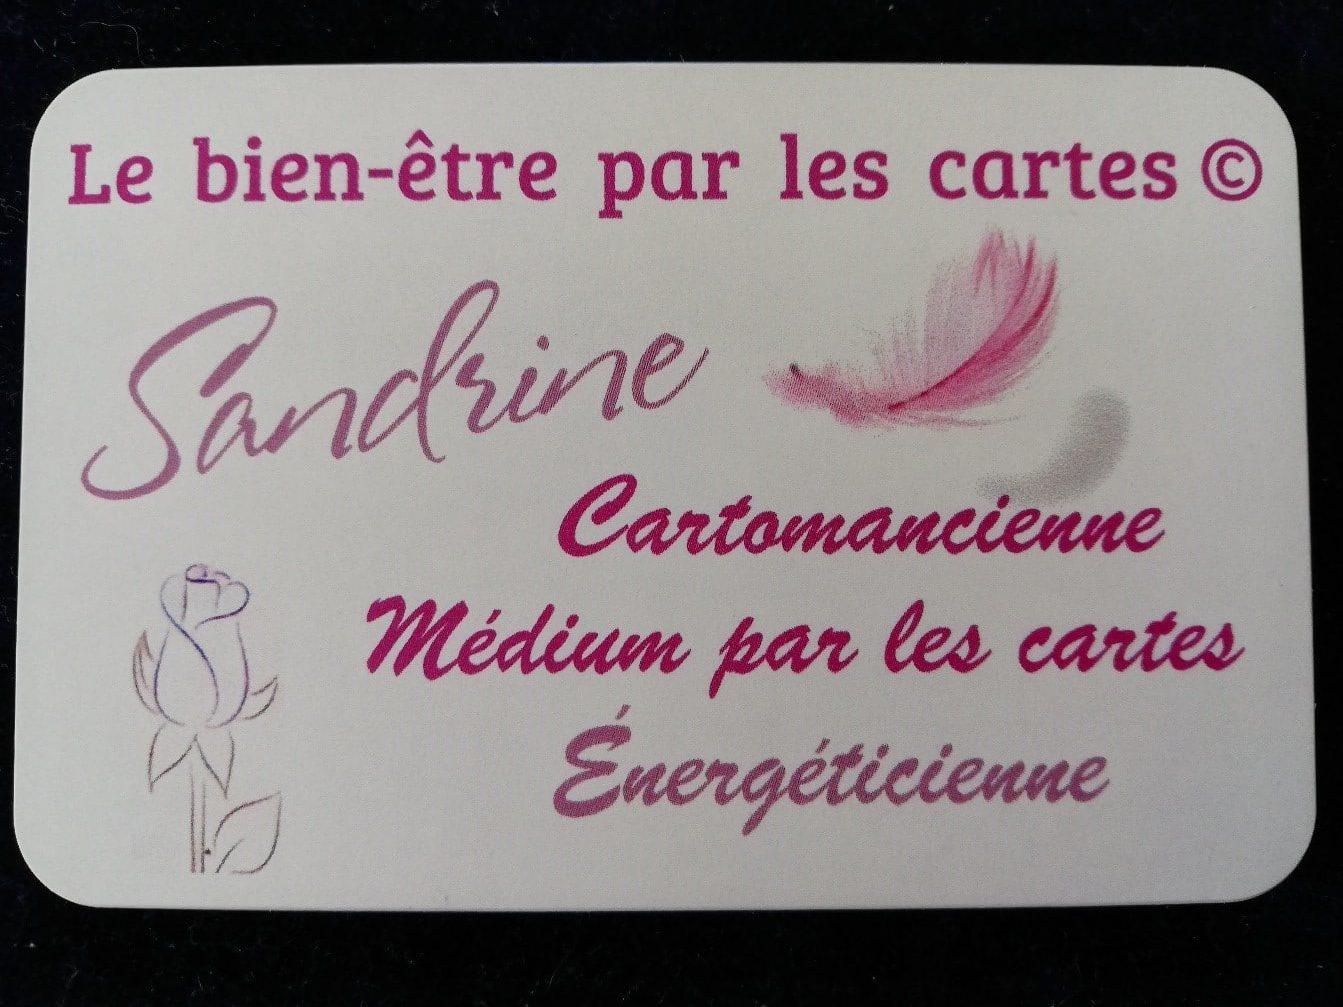 Médium-Cartomancienne-Energéticienne à Marennes-Hiers-Brouage à côté de Royan et Rochefort